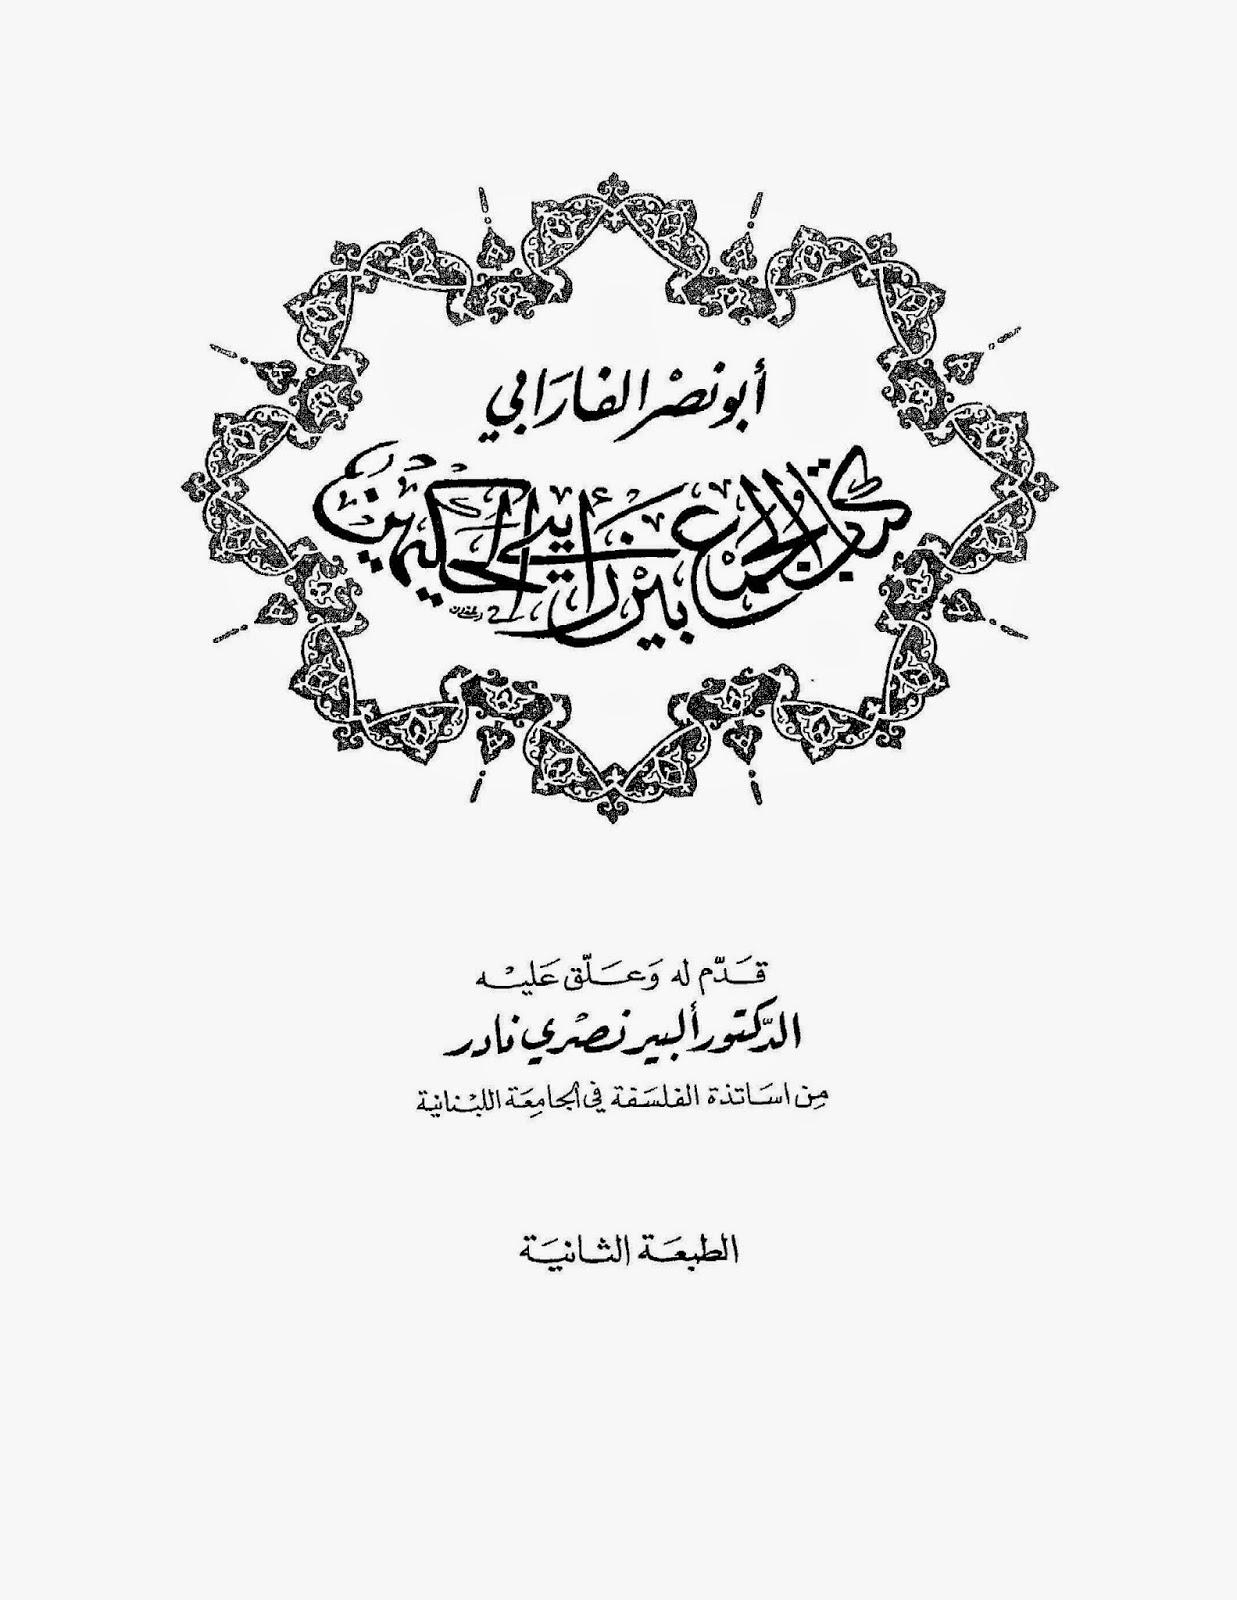 كتاب الجمع بين رأيي الحكيمين لأبي نصر الفارابي ( ط . الثانية دار المشرق )